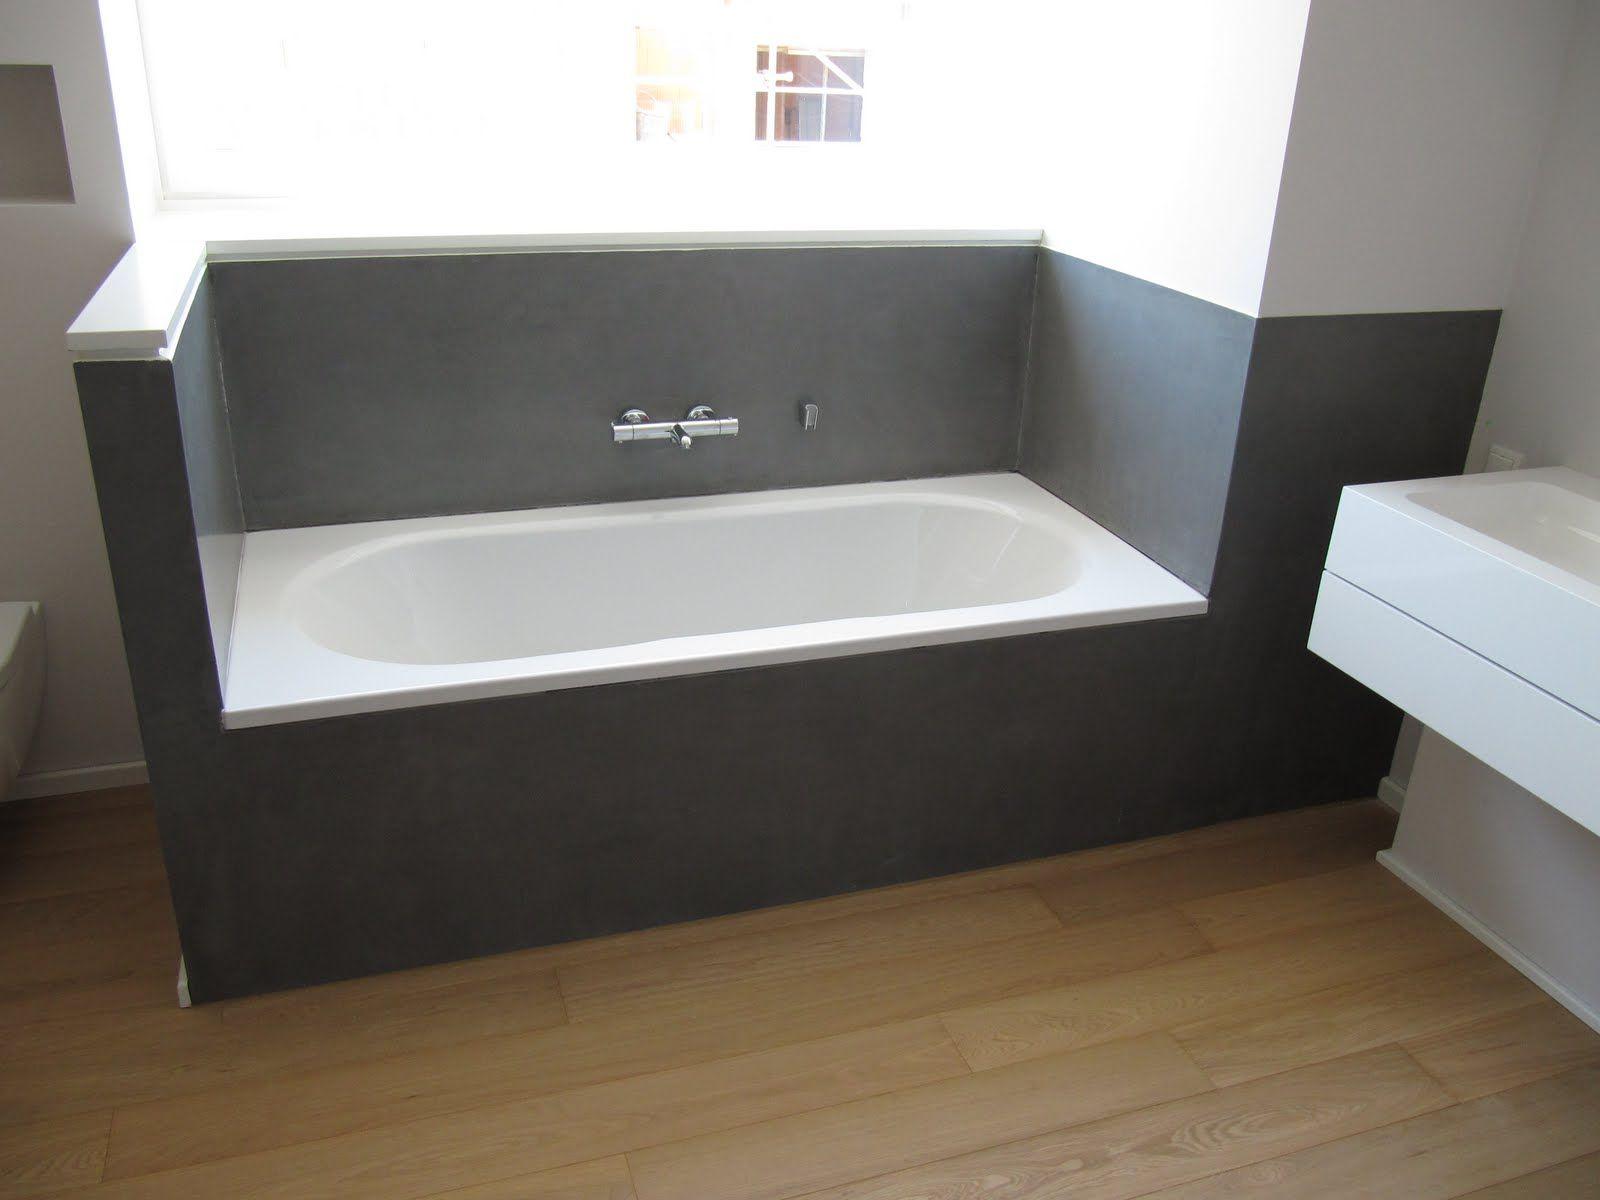 Beton Küchenarbeitsplatte bei diesem projekt wurden 2 bäder mit beton cire gestaltet die